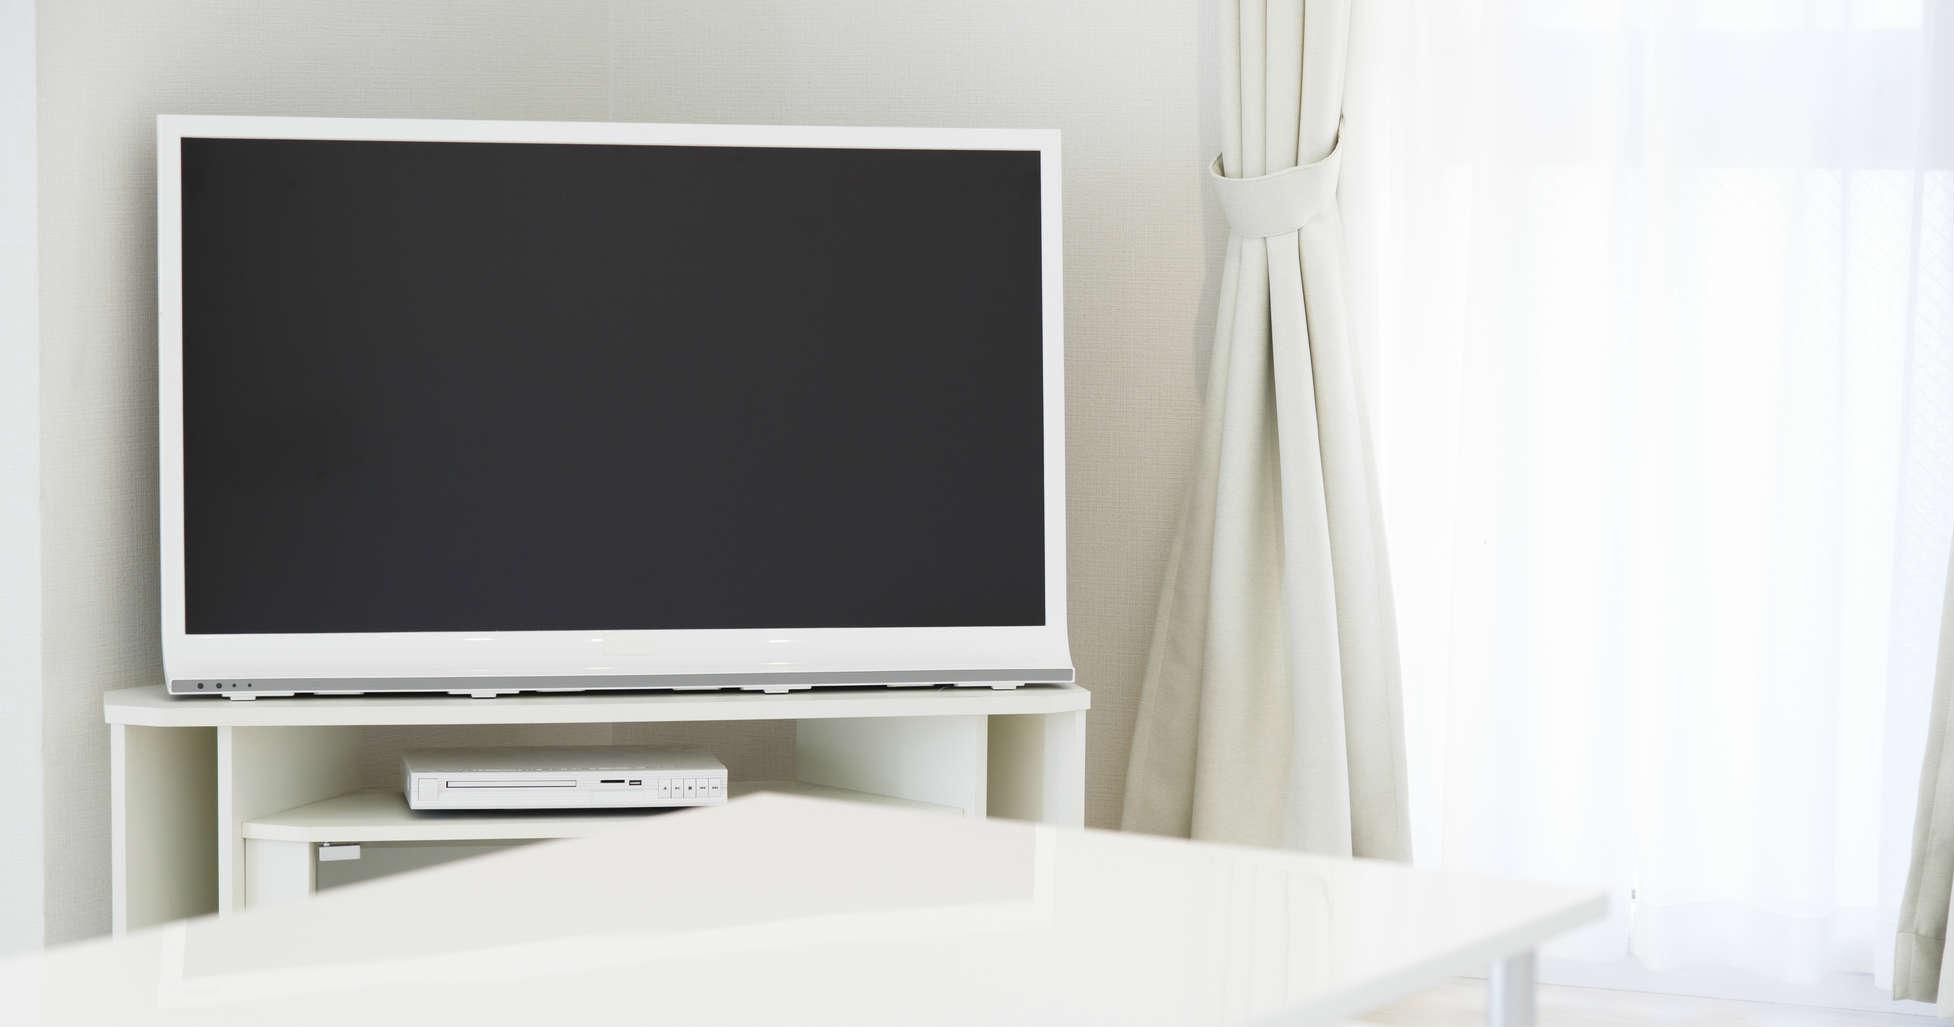 液晶テレビの寿命と寿命を示す症状 寿命前に故障した場合の対処方法